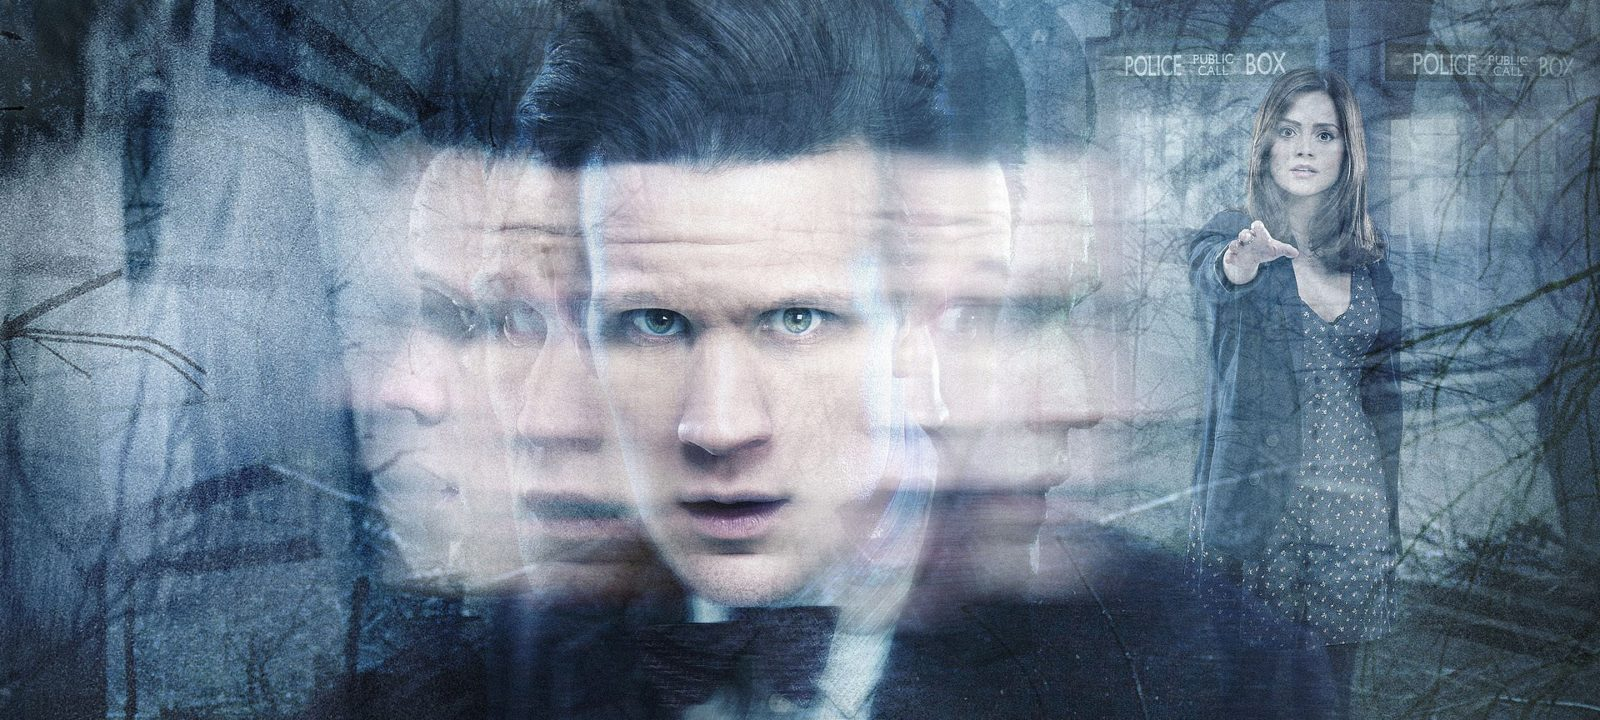 'Hide' (Photo: BBC)